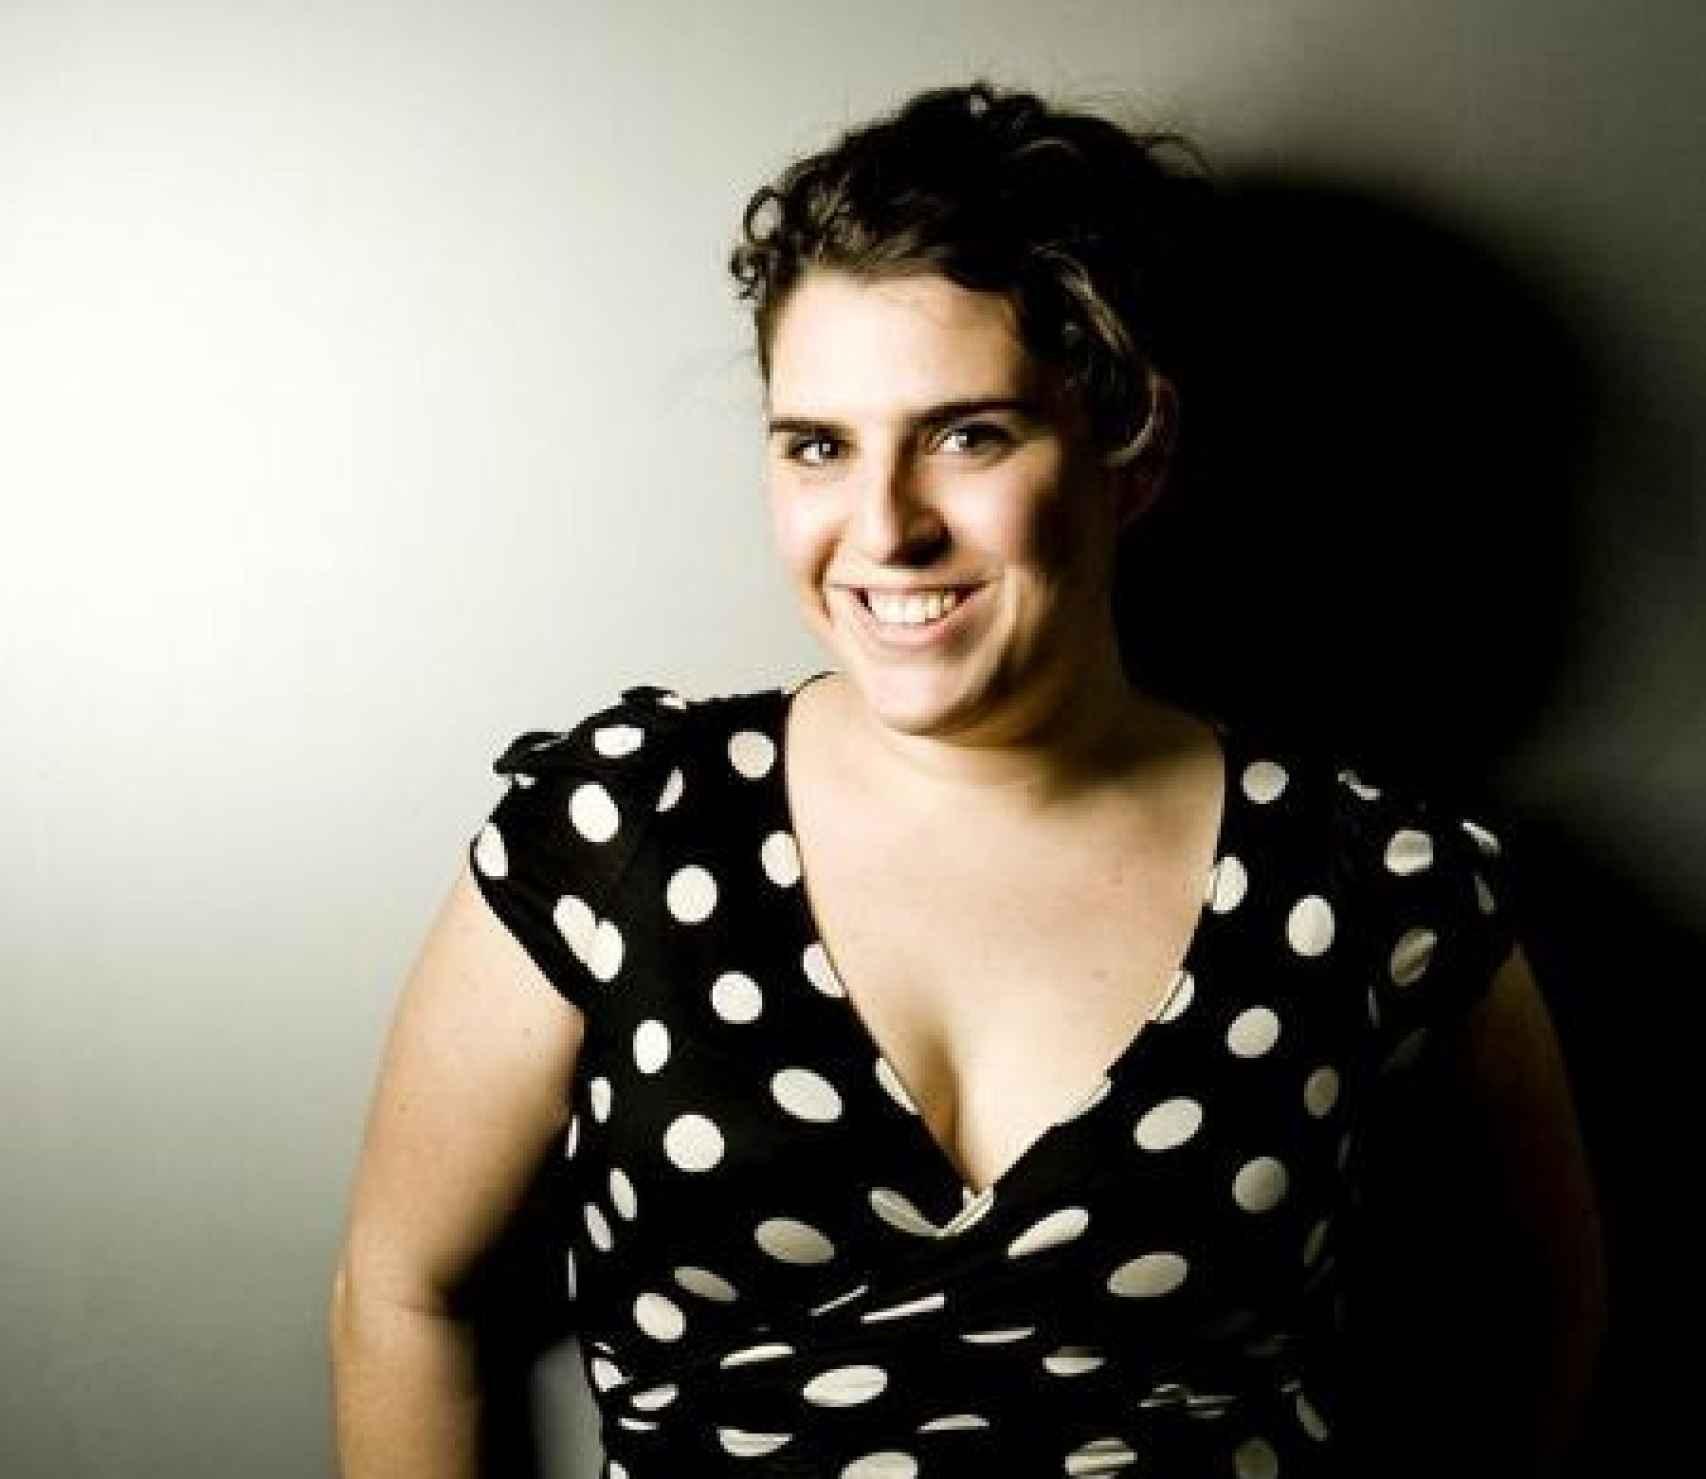 Berta de la Dehesa, en una foto de su anterior vida, como actriz de series y cine.